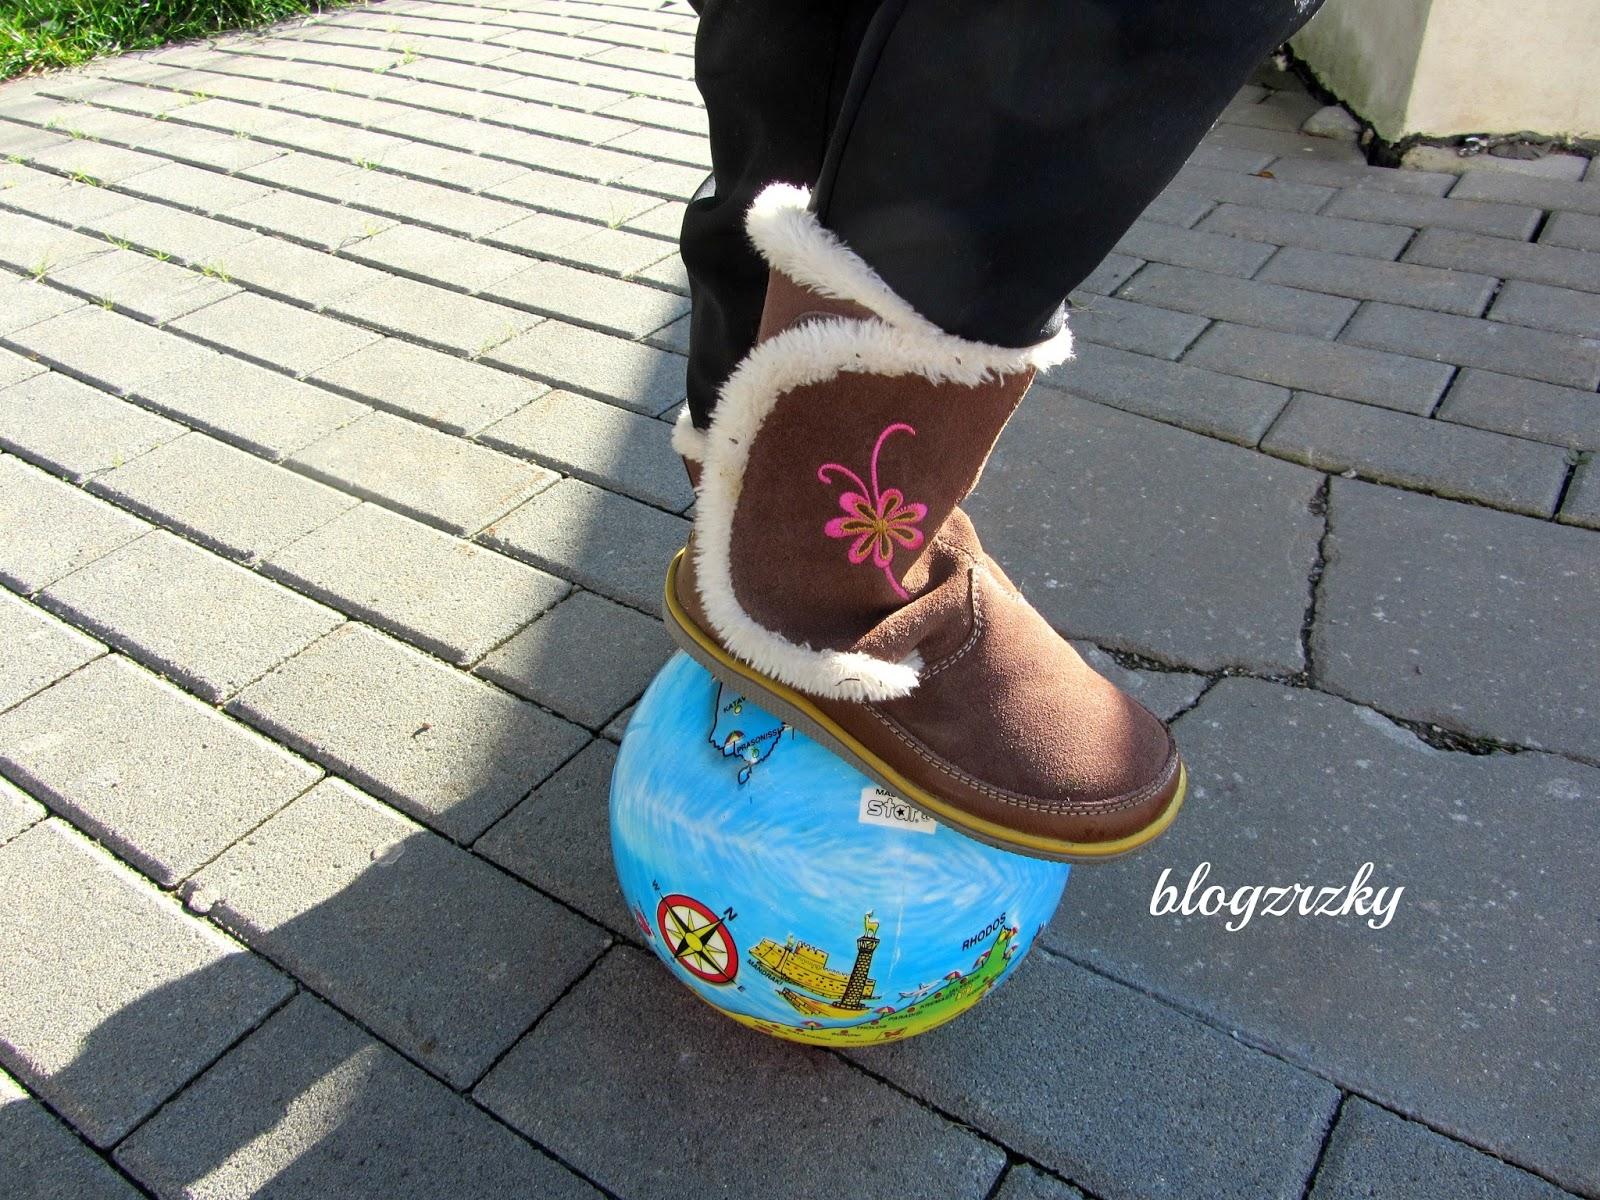 188 g váží jedna bota s oběma vložkami ve velikosti 29 (US 11 d8ee9b6bc13